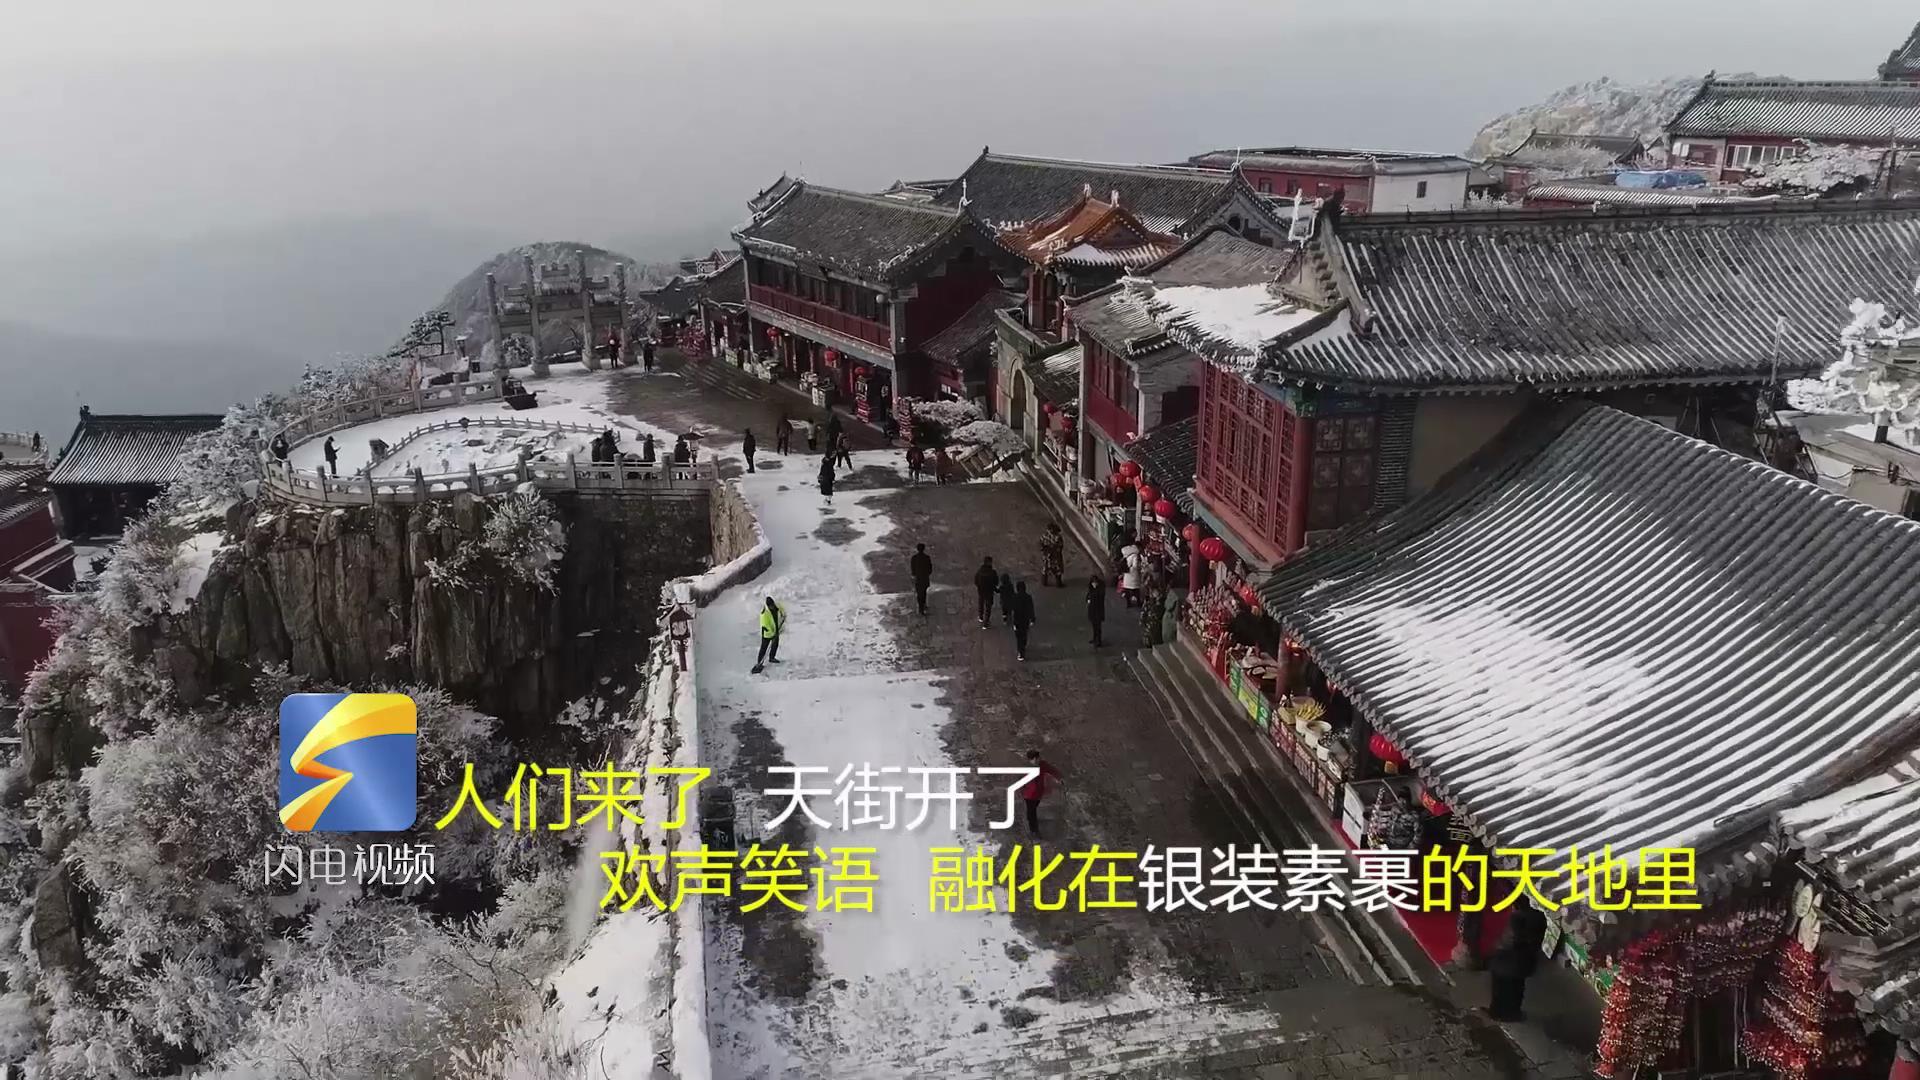 泰山雪景大格式_20190216134424.JPG